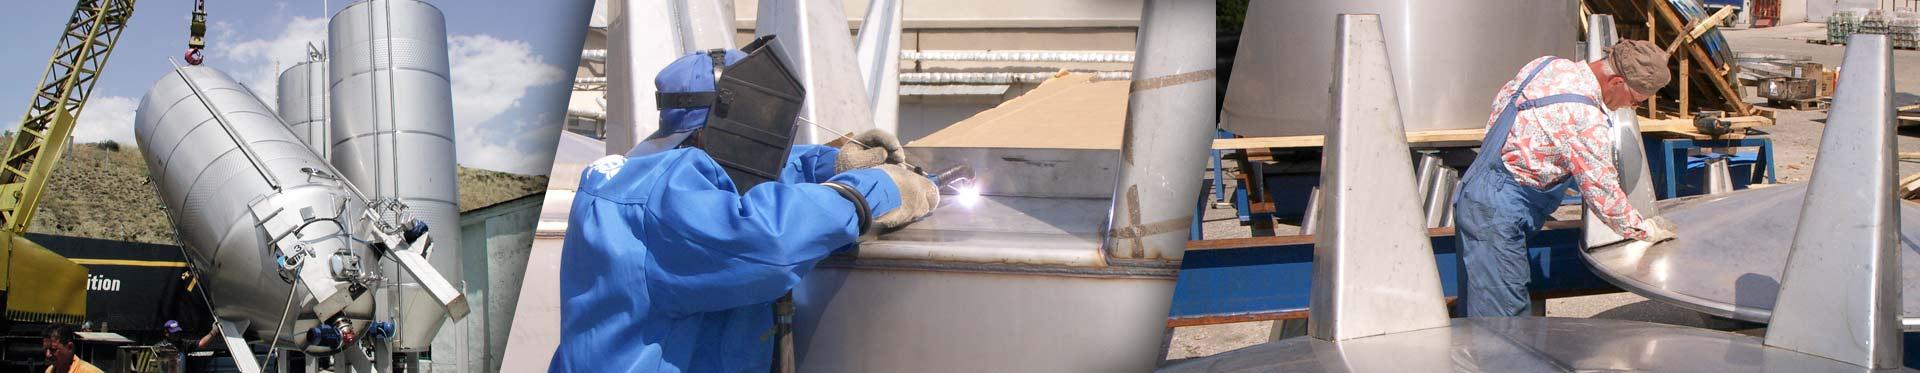 Монтаж емкостей из нержавеющей стали